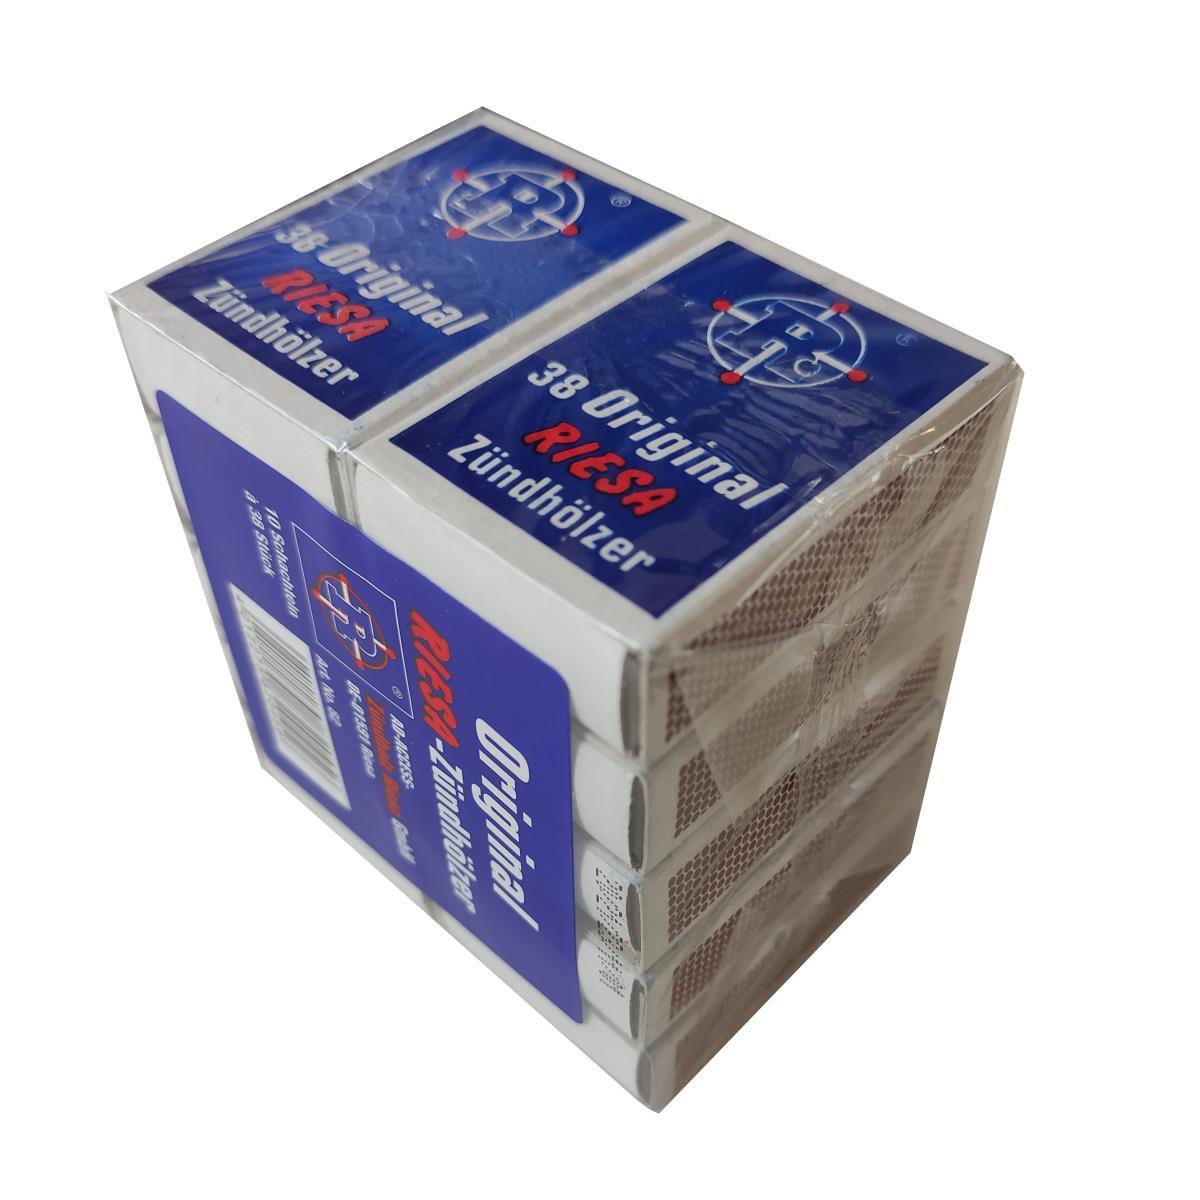 300 Schachteln Streichhölzer, Zündhölzer, Zündholzschachtel,KM Zündholz International ,0000082, 0685293813874